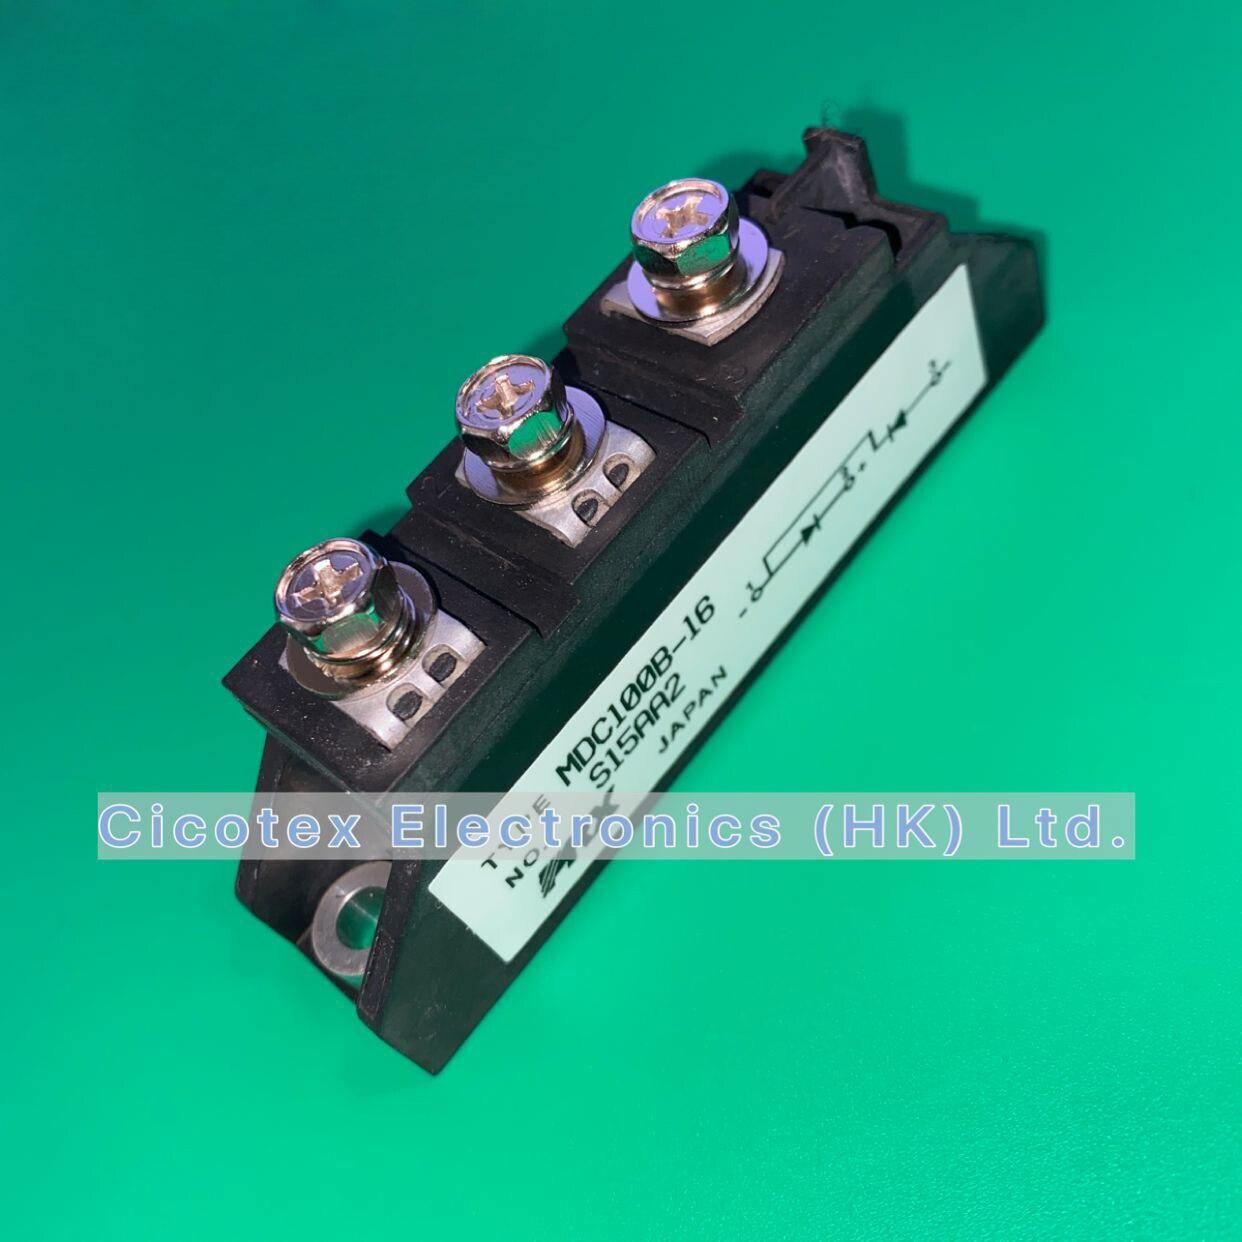 MDC100B-16 igbt mdc100 B-16 módulo de diodo de potência série mdc100 são projetados para vários circuitos retificadores mdc100b16 mdc 100b-16